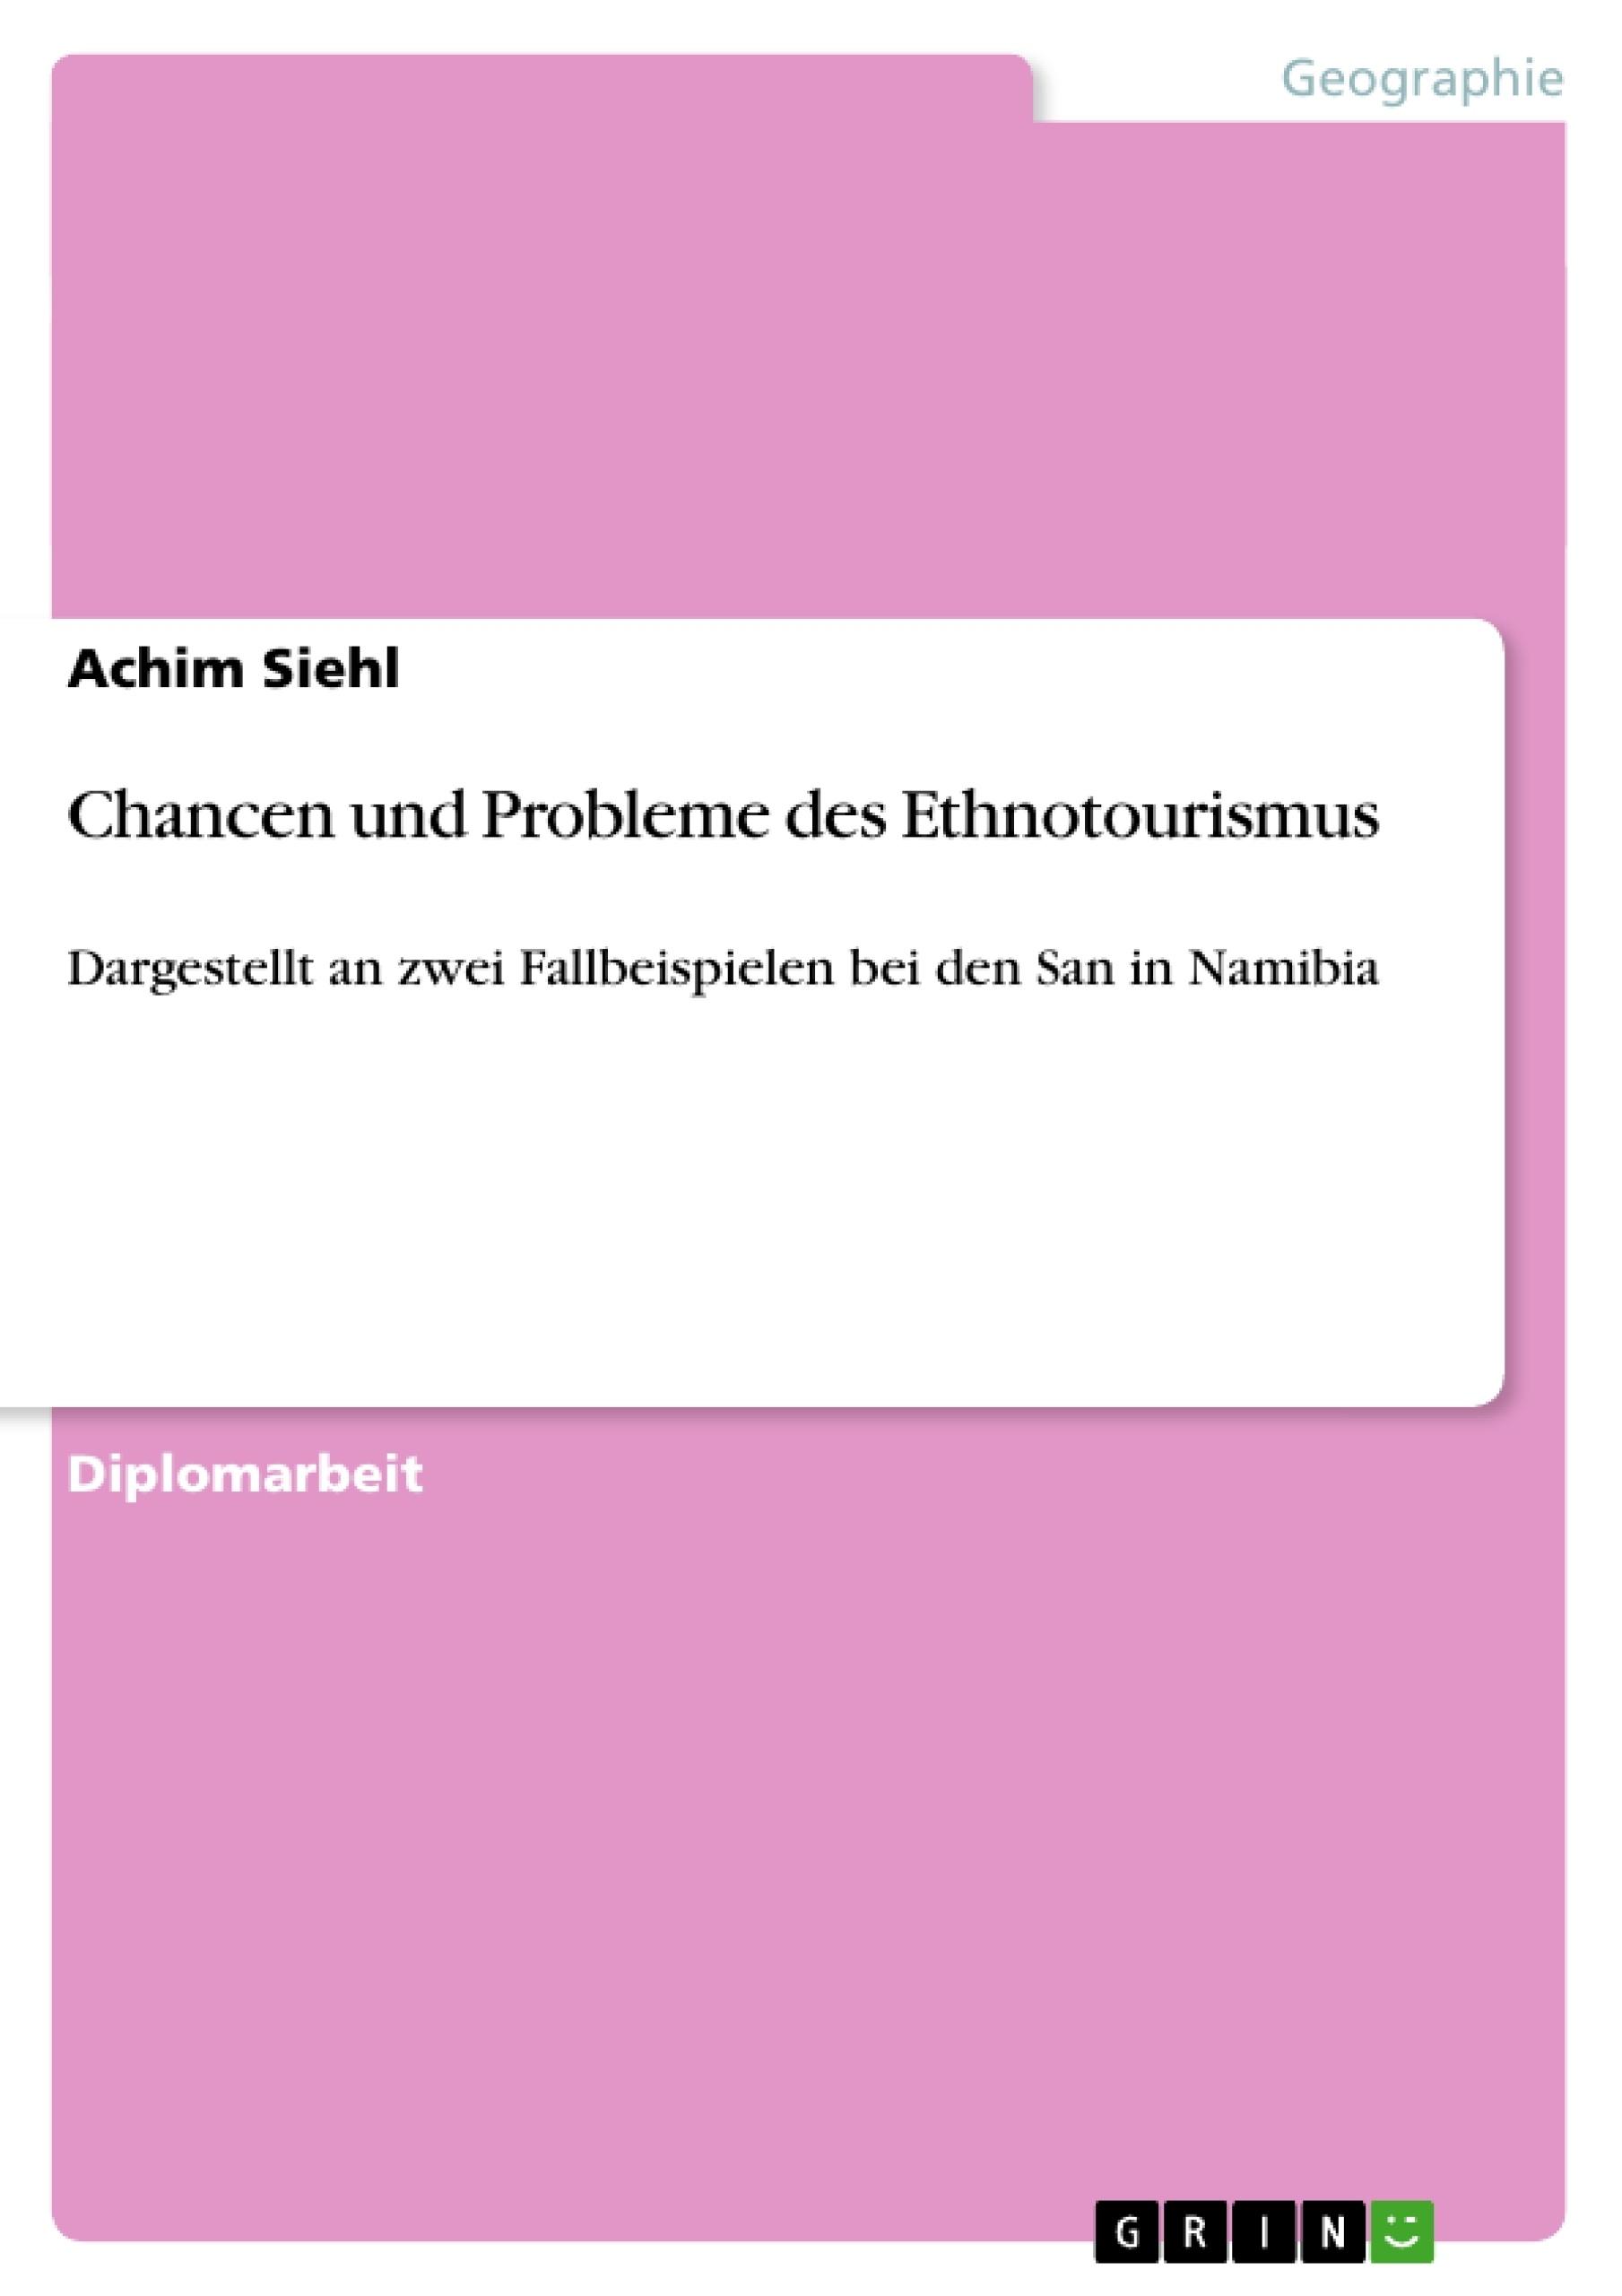 Titel: Chancen und Probleme des Ethnotourismus